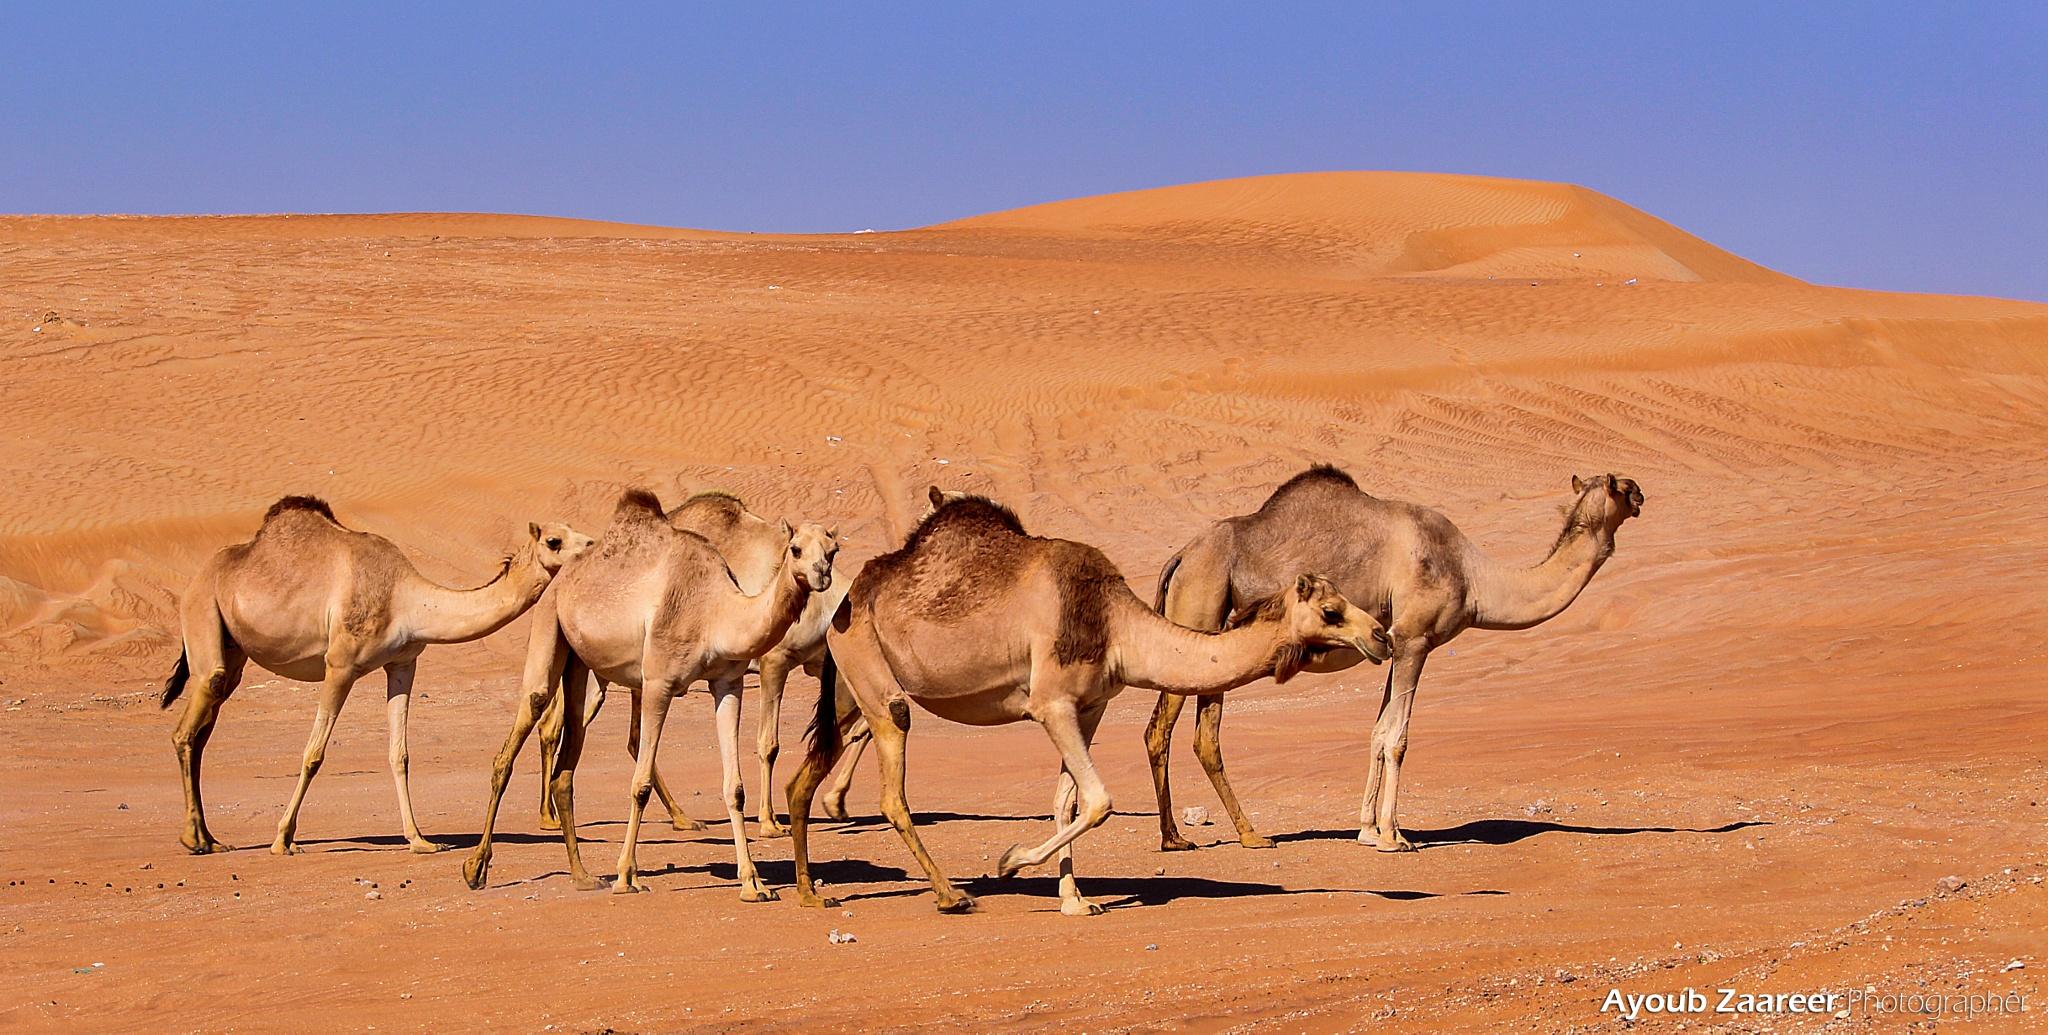 سفينة الصحراء by Ayoub Zaareer